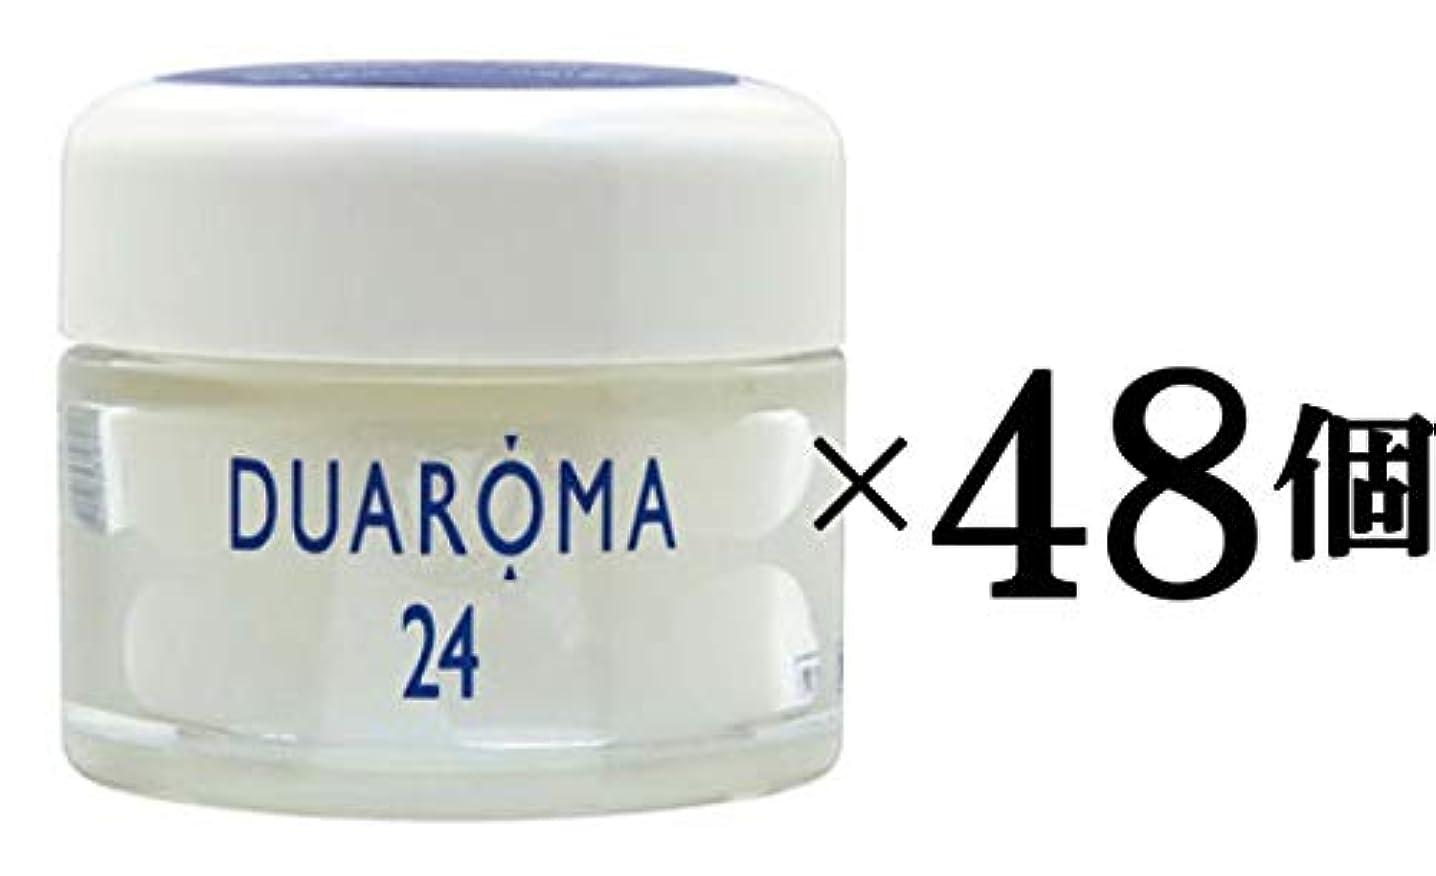 切手グリルウルルデュアロマ24 薬用クリーム 40g× 48個 < 業務用 箱売り >★送料無料 ★老人介護施設で2000人以上を臨床して開発 肌あれ、あせも、しもやけ、ひび、あかぎれなどに